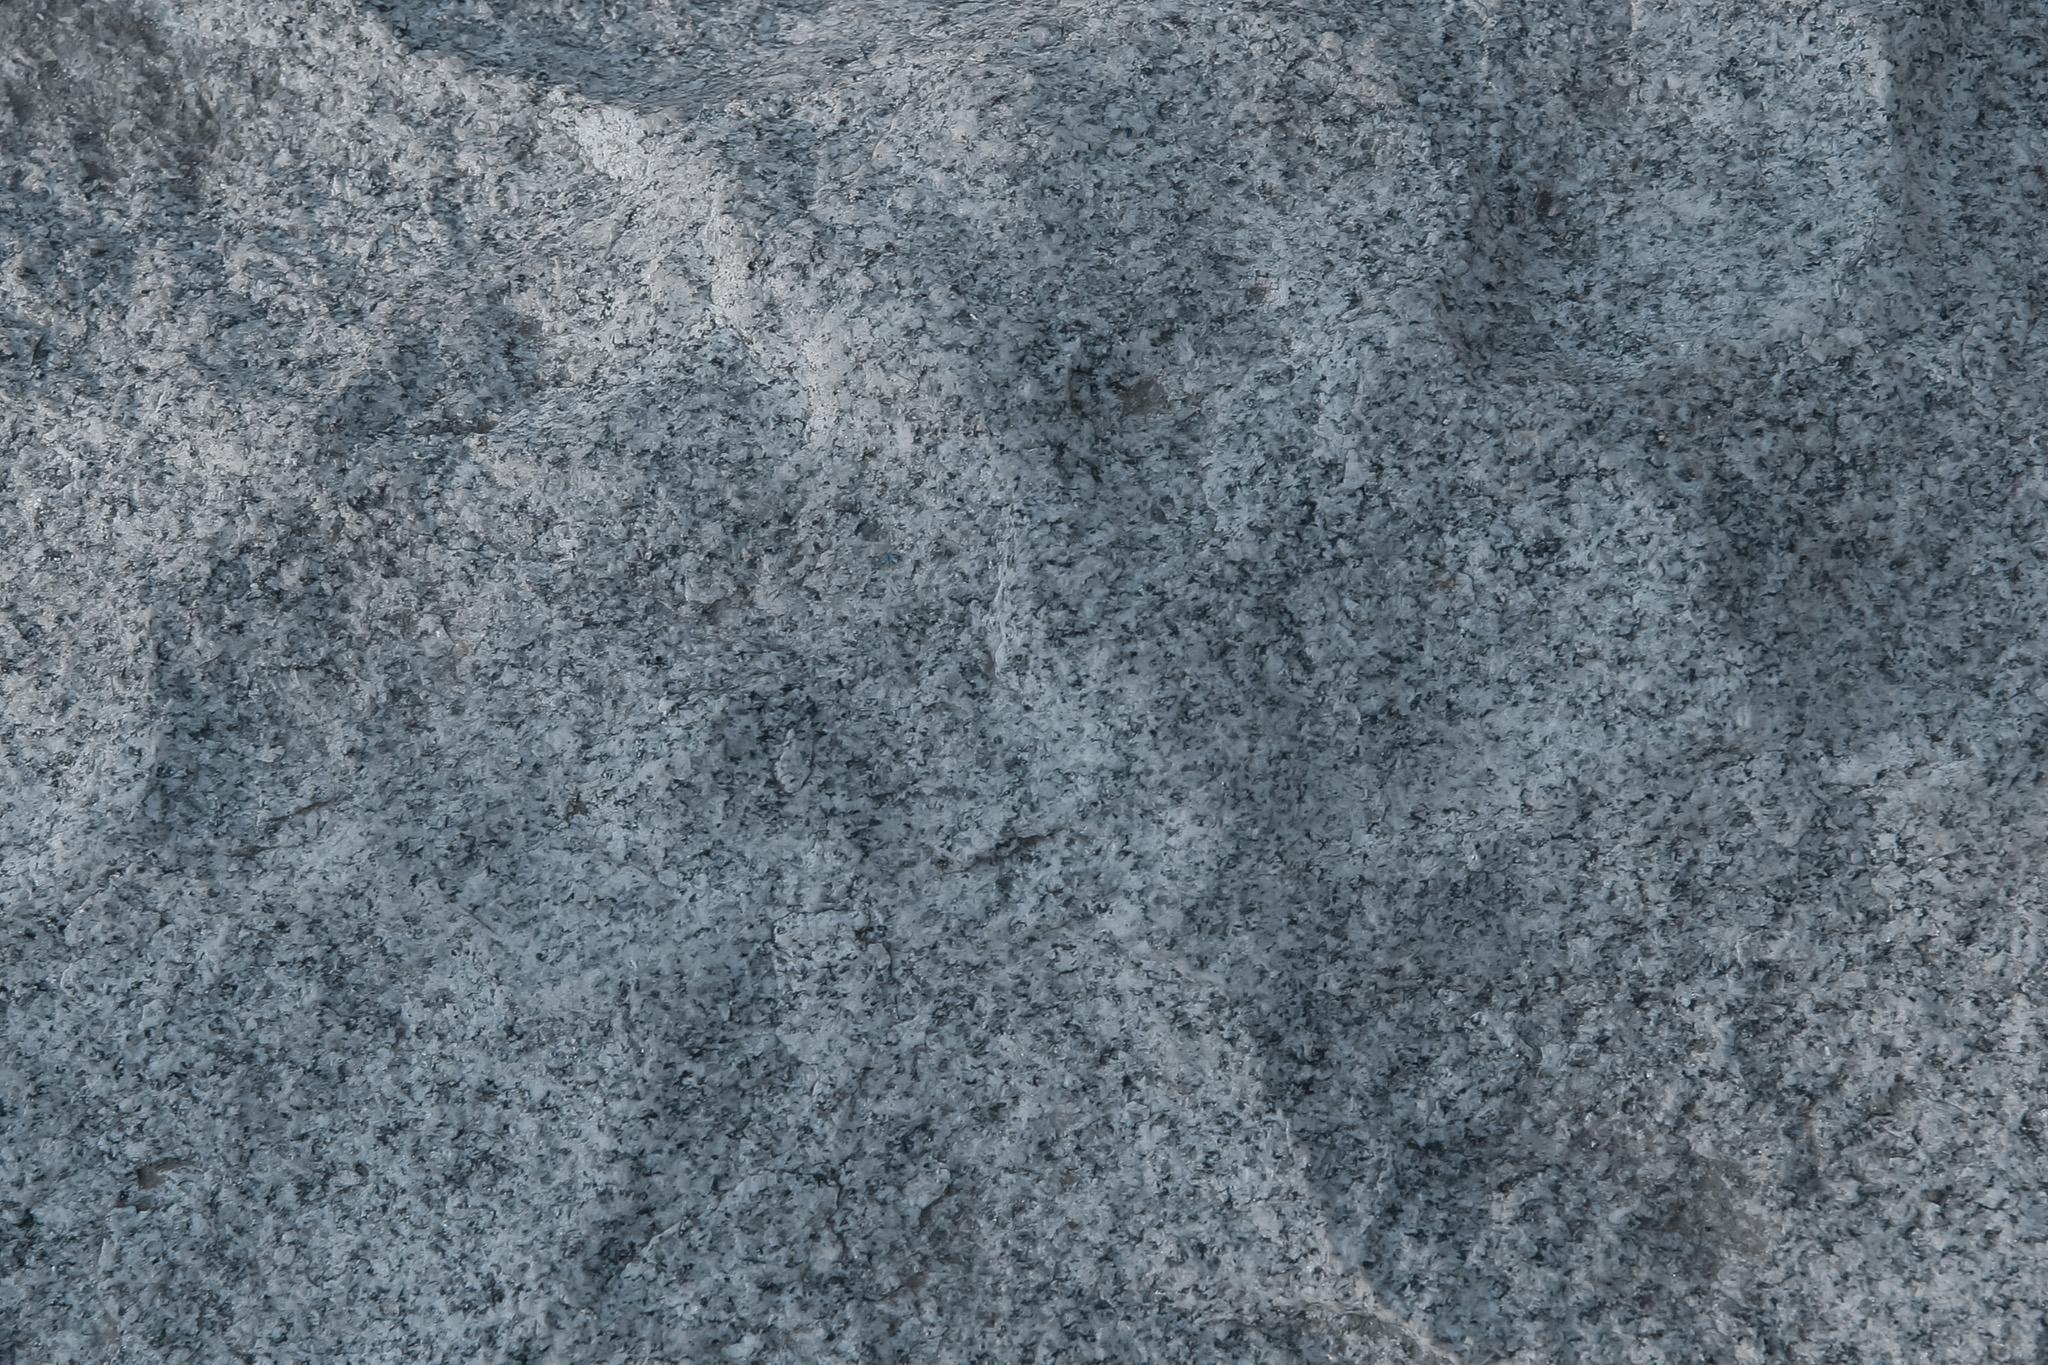 「波打った花コウ岩の岩肌」の素材を無料ダウンロード